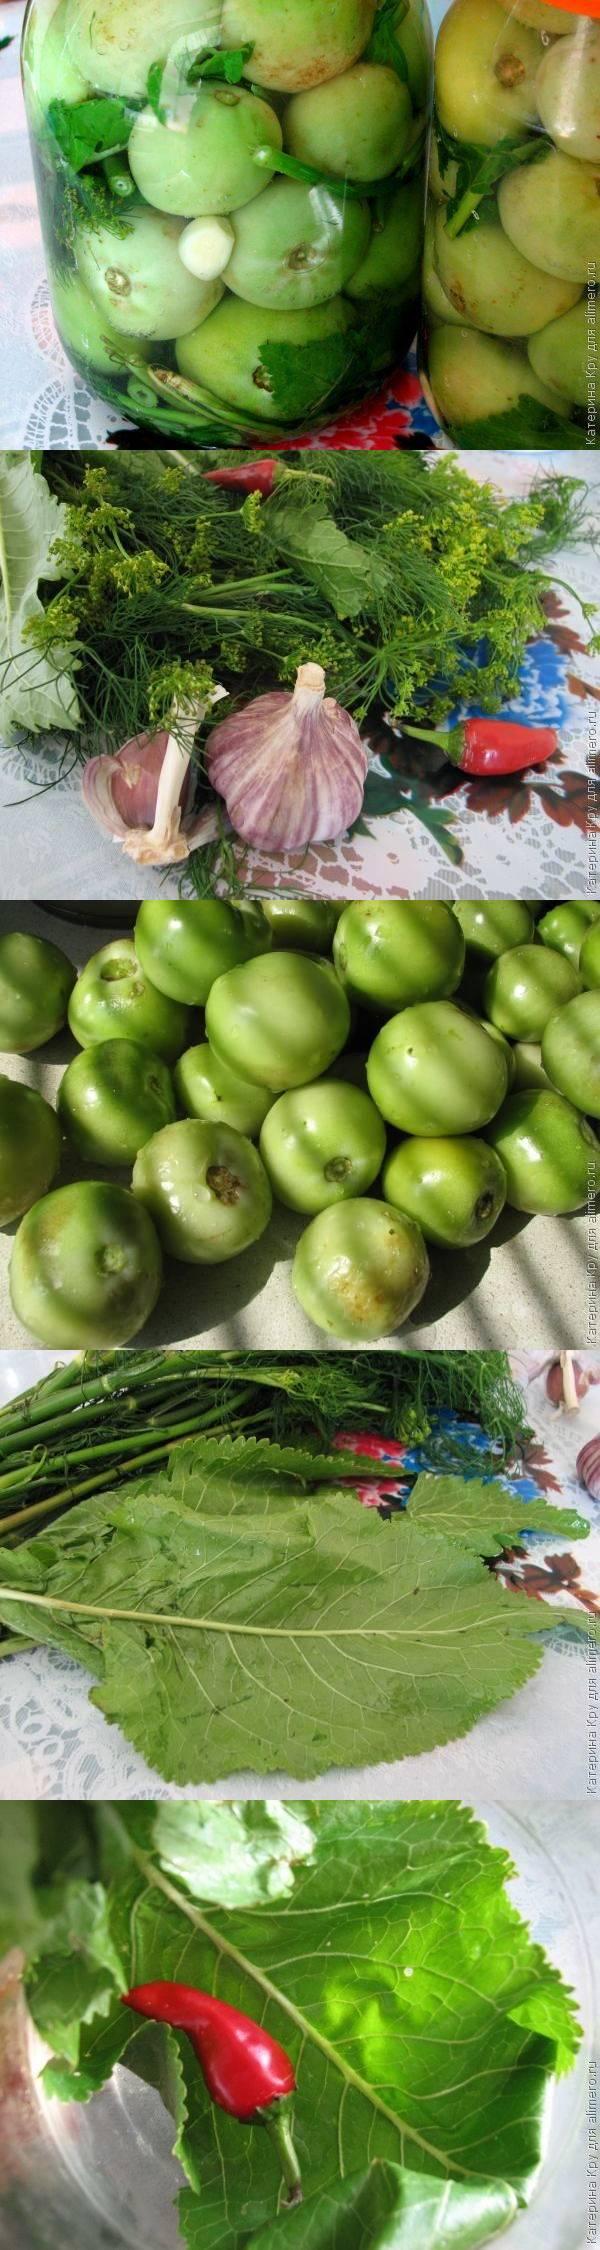 Квашеные зеленые помидоры: простые рецепты в домашних 529